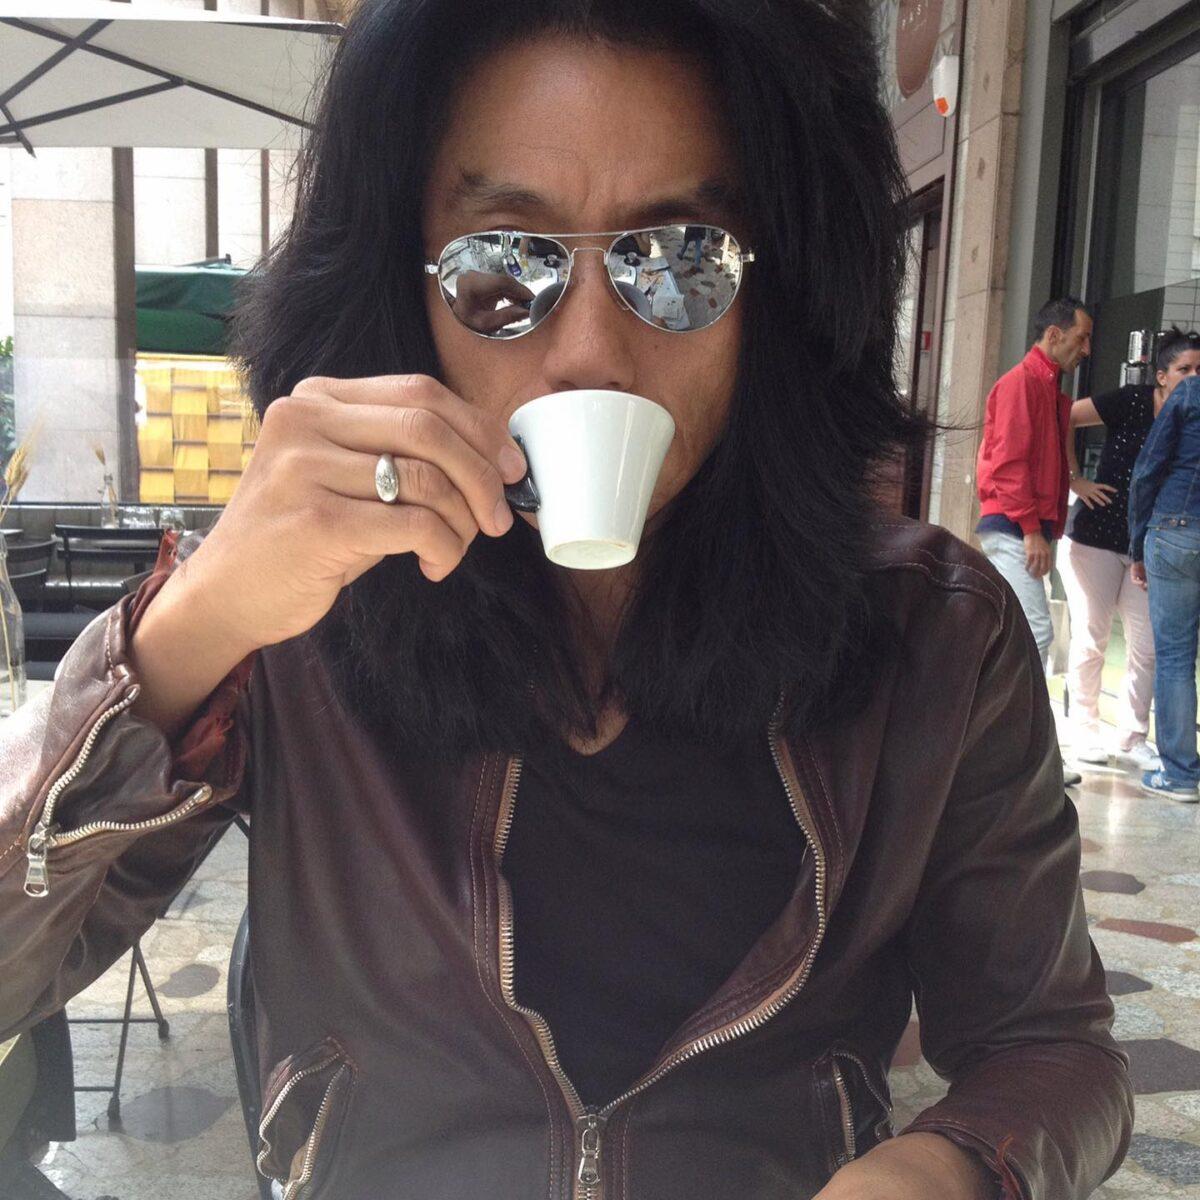 cafeカフェ  イタリアでコーヒー️と言ったらエスプレッソの事を指す。  初めてイタリアでエスプレッソを飲んだ時、こんなコクのあるコーヒーがあるのか?! と今でも覚えている。  BARバールでエスプレッソを頼むとただでさえ小さなカップなのに️その半分くらいしか入っていないがびっくりしないで欲しい これが普通サイズなのだ、   しかし、このサイズはバリスタにオーダー可能なのだ、もっと濃いのが欲しければ リストレット。もう少し多めつまり薄めなら ルンゴと細かくオーダーはどのBARでも可能だ。  これは、カプチーノにも適用出来てカフェ濃いめはカプチーノスクーロ カフェ薄めならカプチーノキャーロと言った具合だ。  では、夏ならアイスコーヒーは?と言うと実はエスプレッソのアイスコーヒー版は存在するこれはエスプレッソを抽出してシェーカーでシロップやリキュールをシェイクして洒落たグラスで提供される 夏にイタリアに行ったらジェラートと同じく是非飲んでもらいたい。